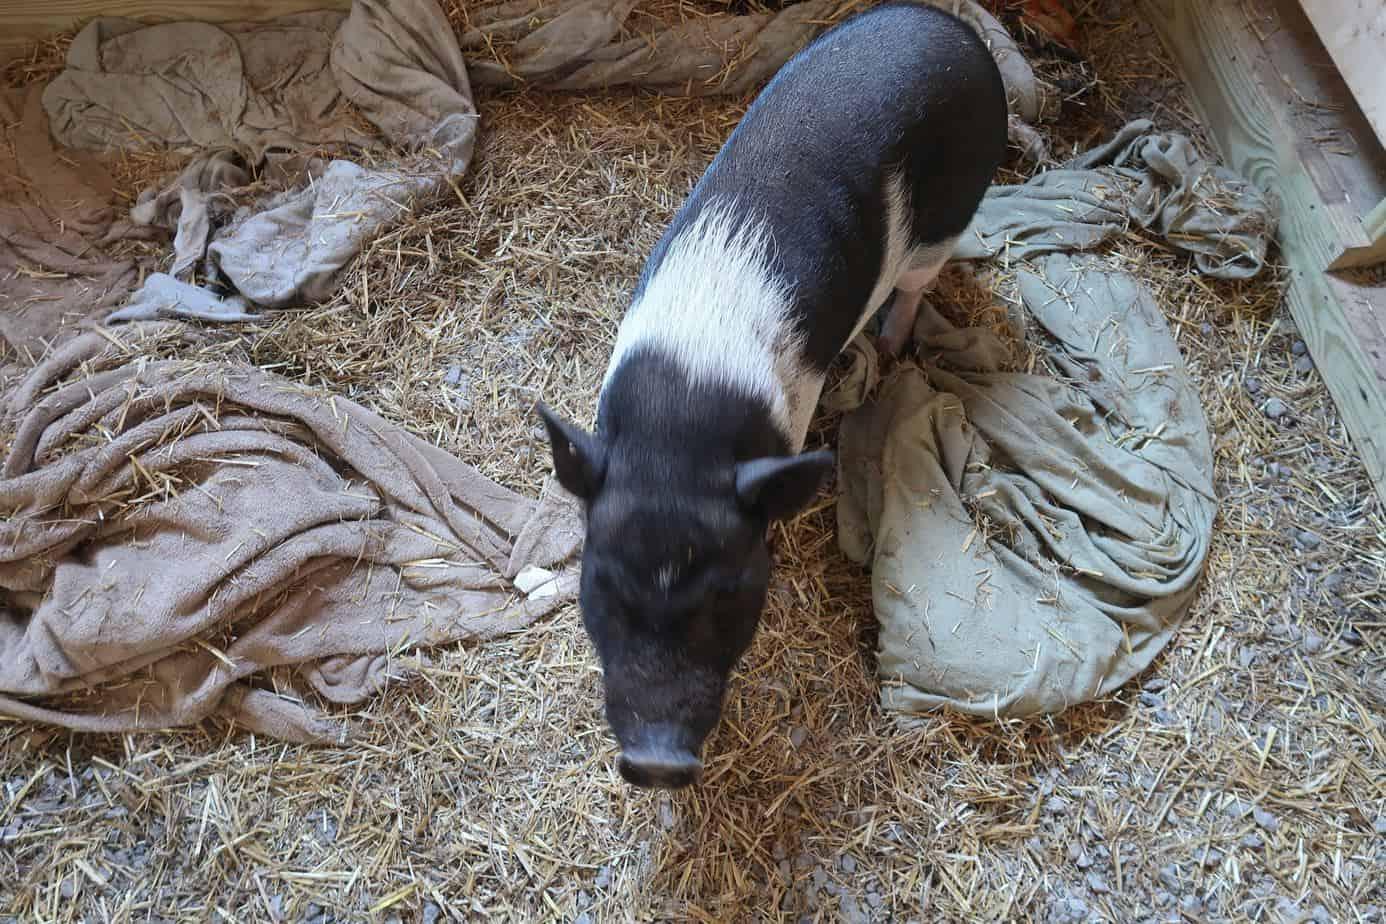 mini-pig-blow-coat-shedding